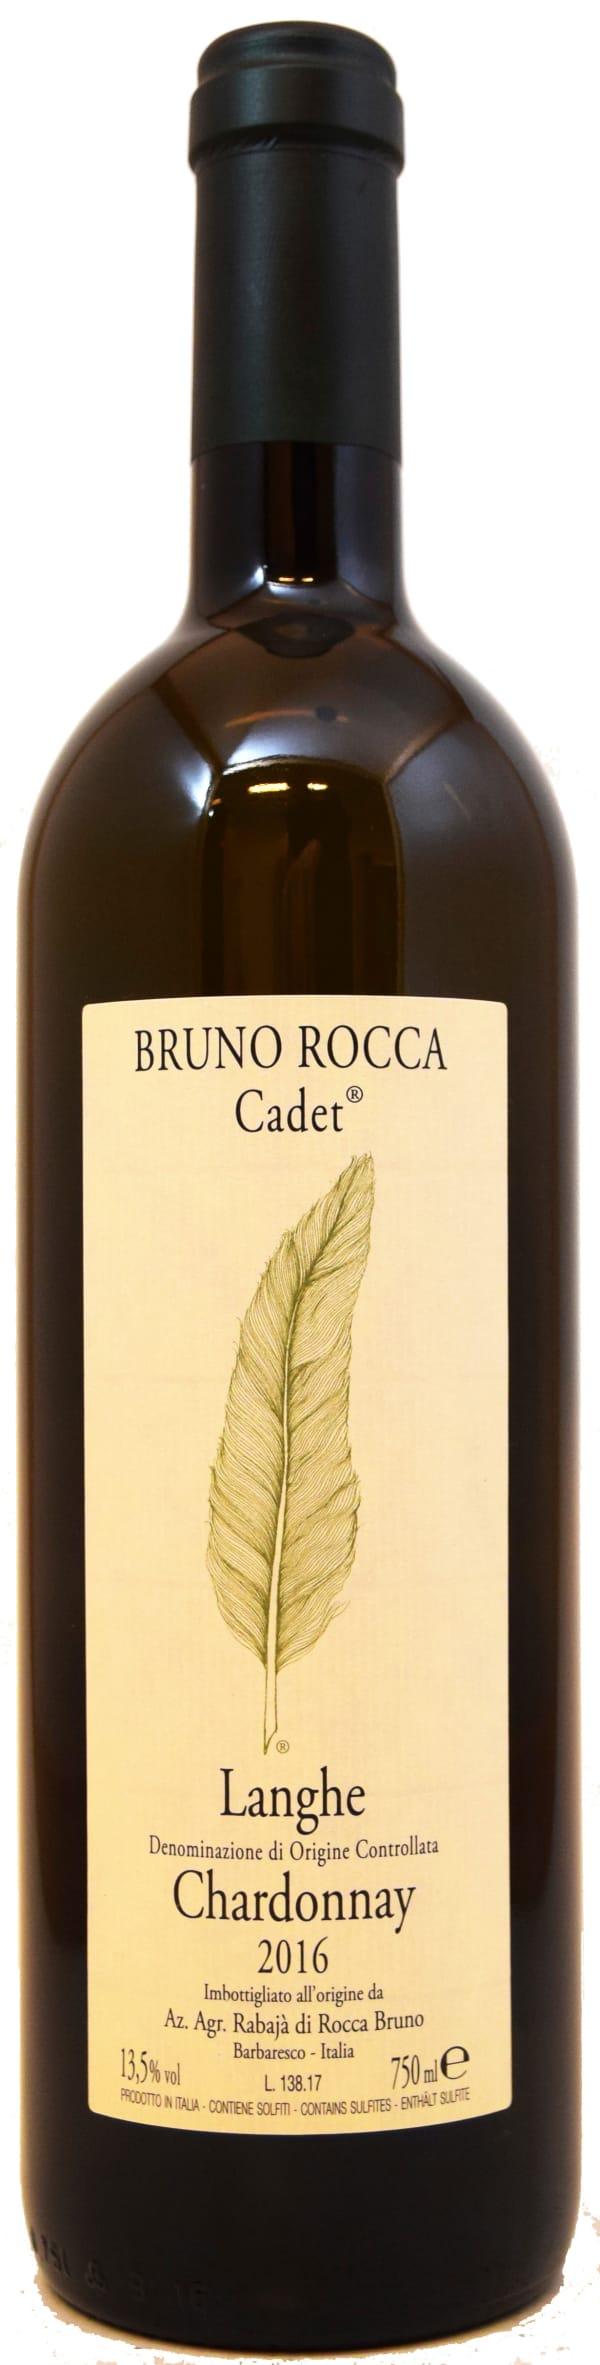 Bruno Rocca Cadet Chardonnay 2015